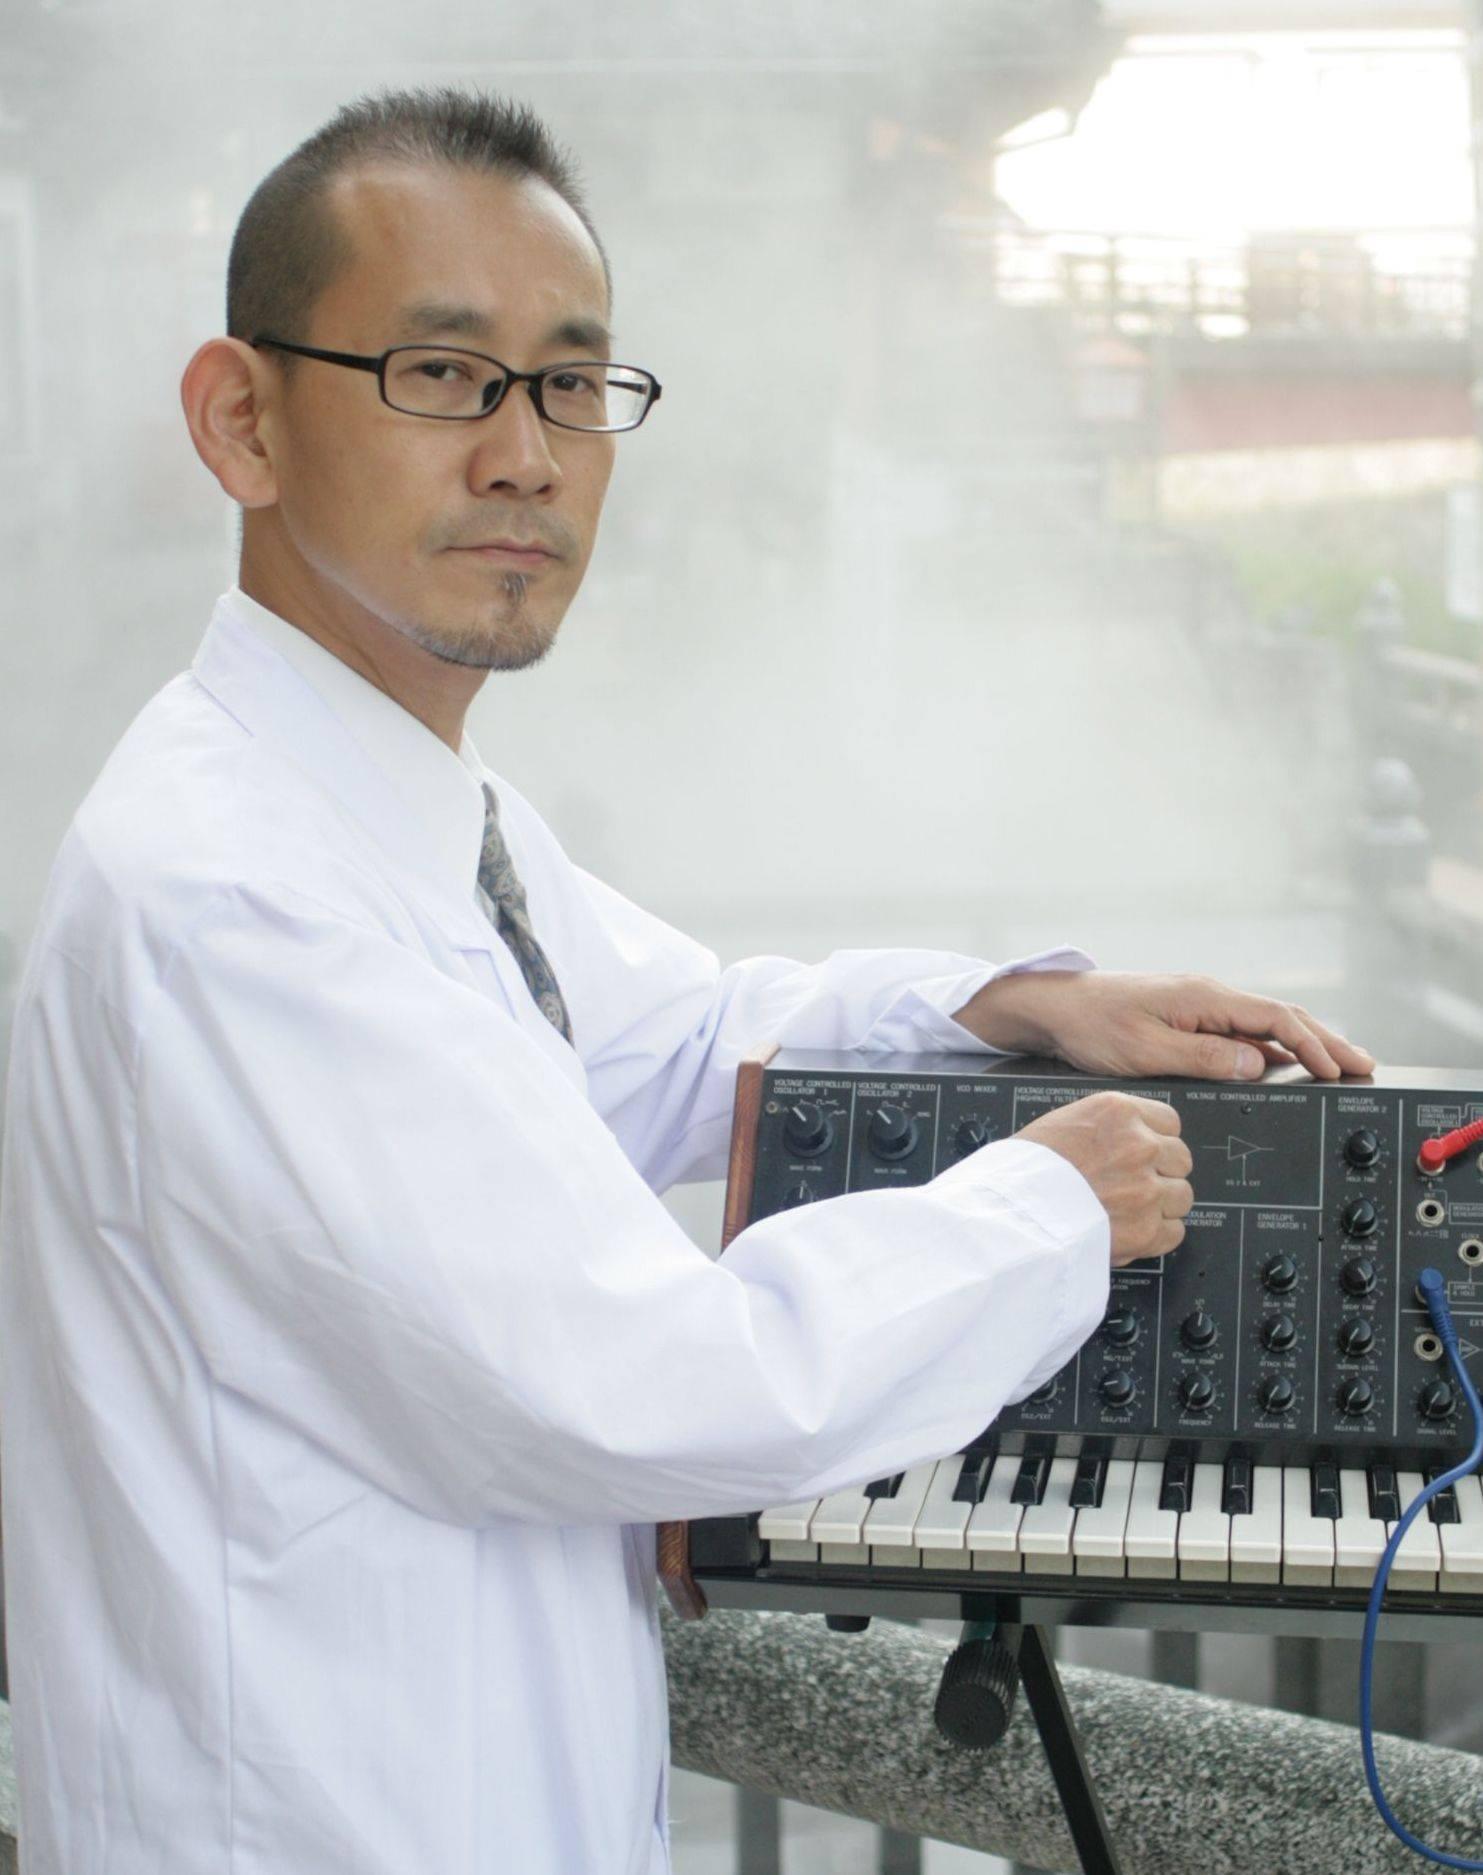 サワサキヨシヒロ Yoshihiro Sawasaki(ミュージシャン / 作曲家 / DJ / リミキサー)